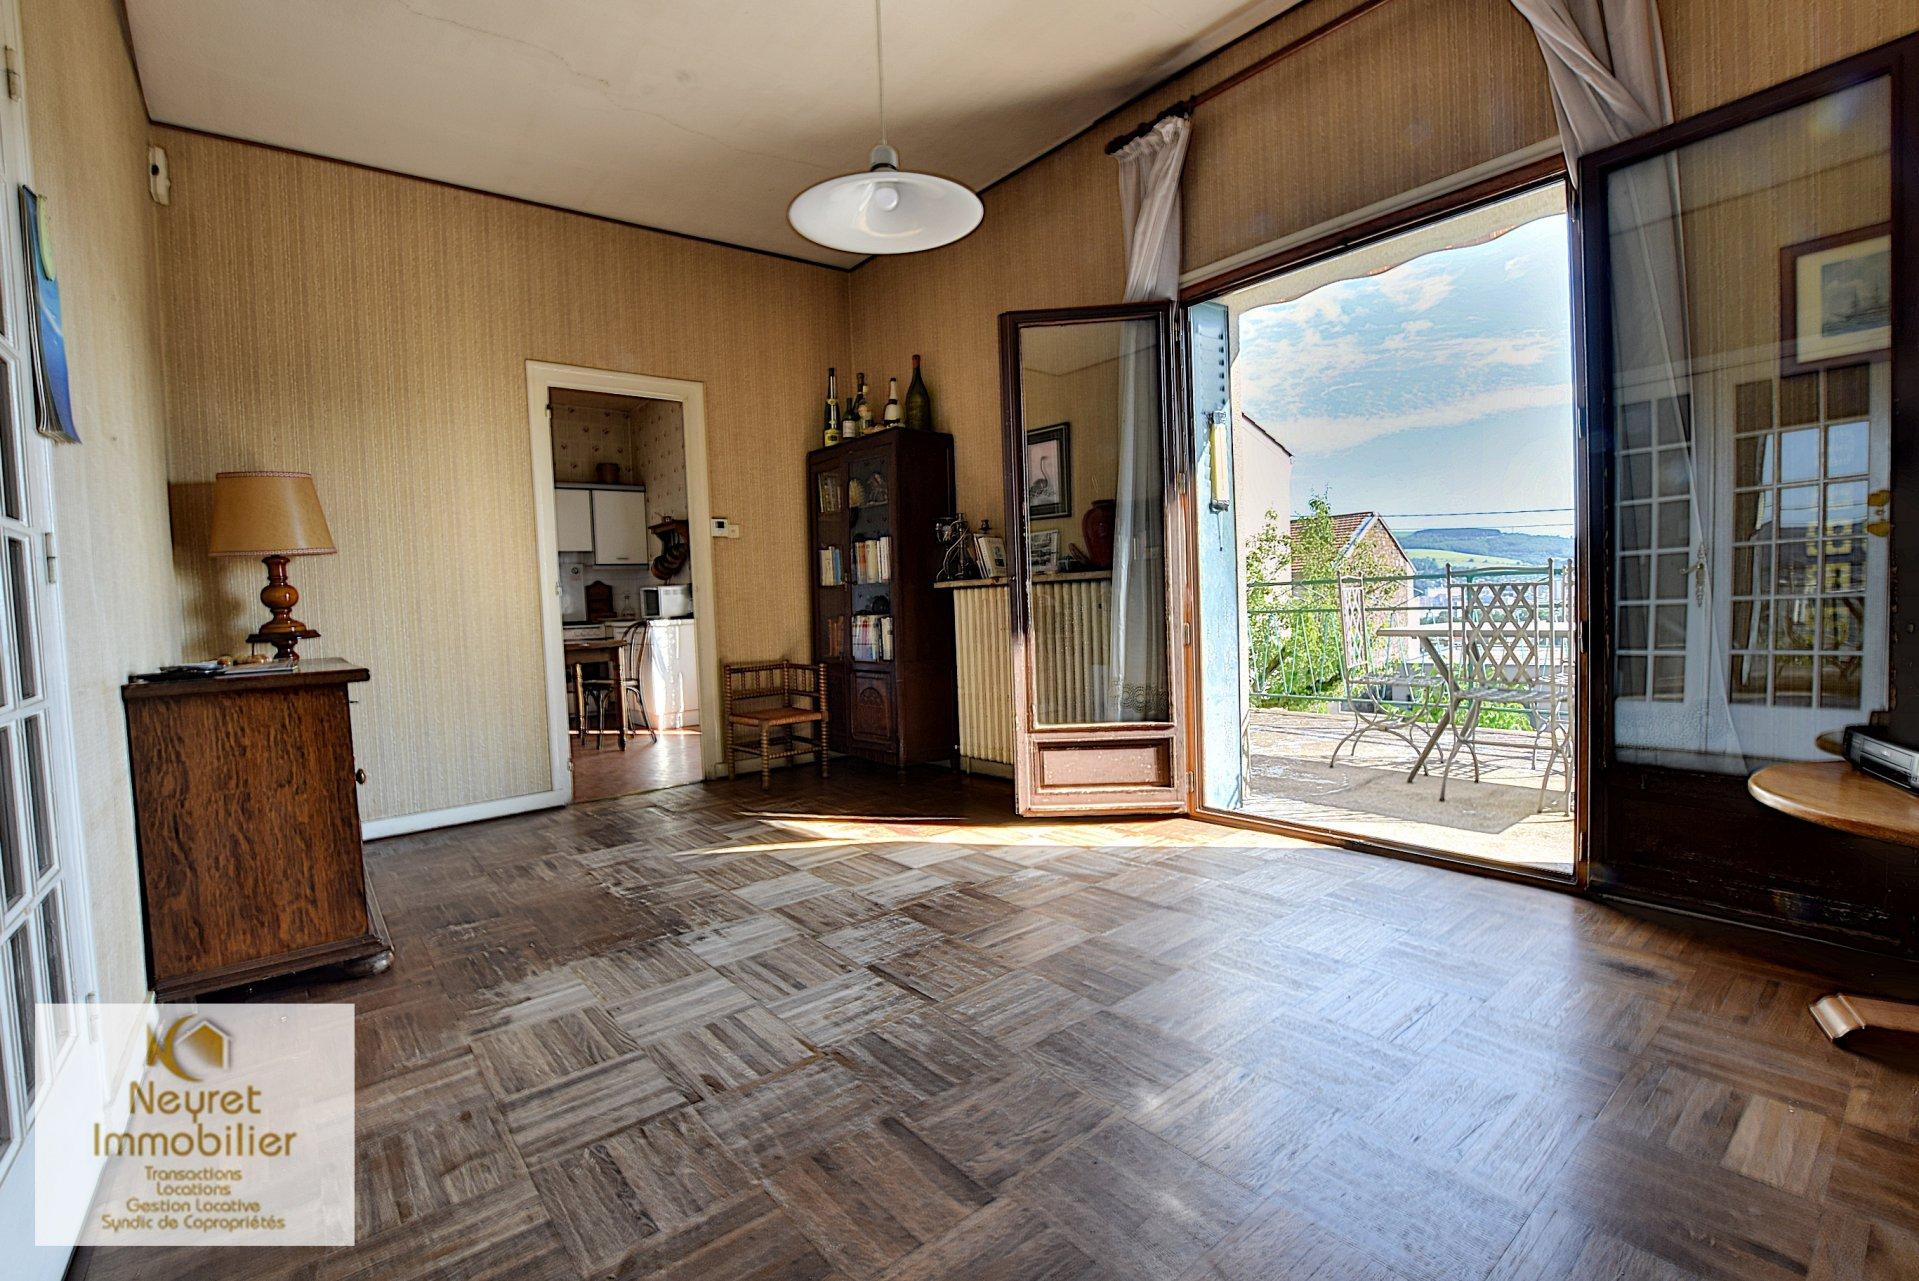 Vente Maison - Saint-Étienne Fauriel